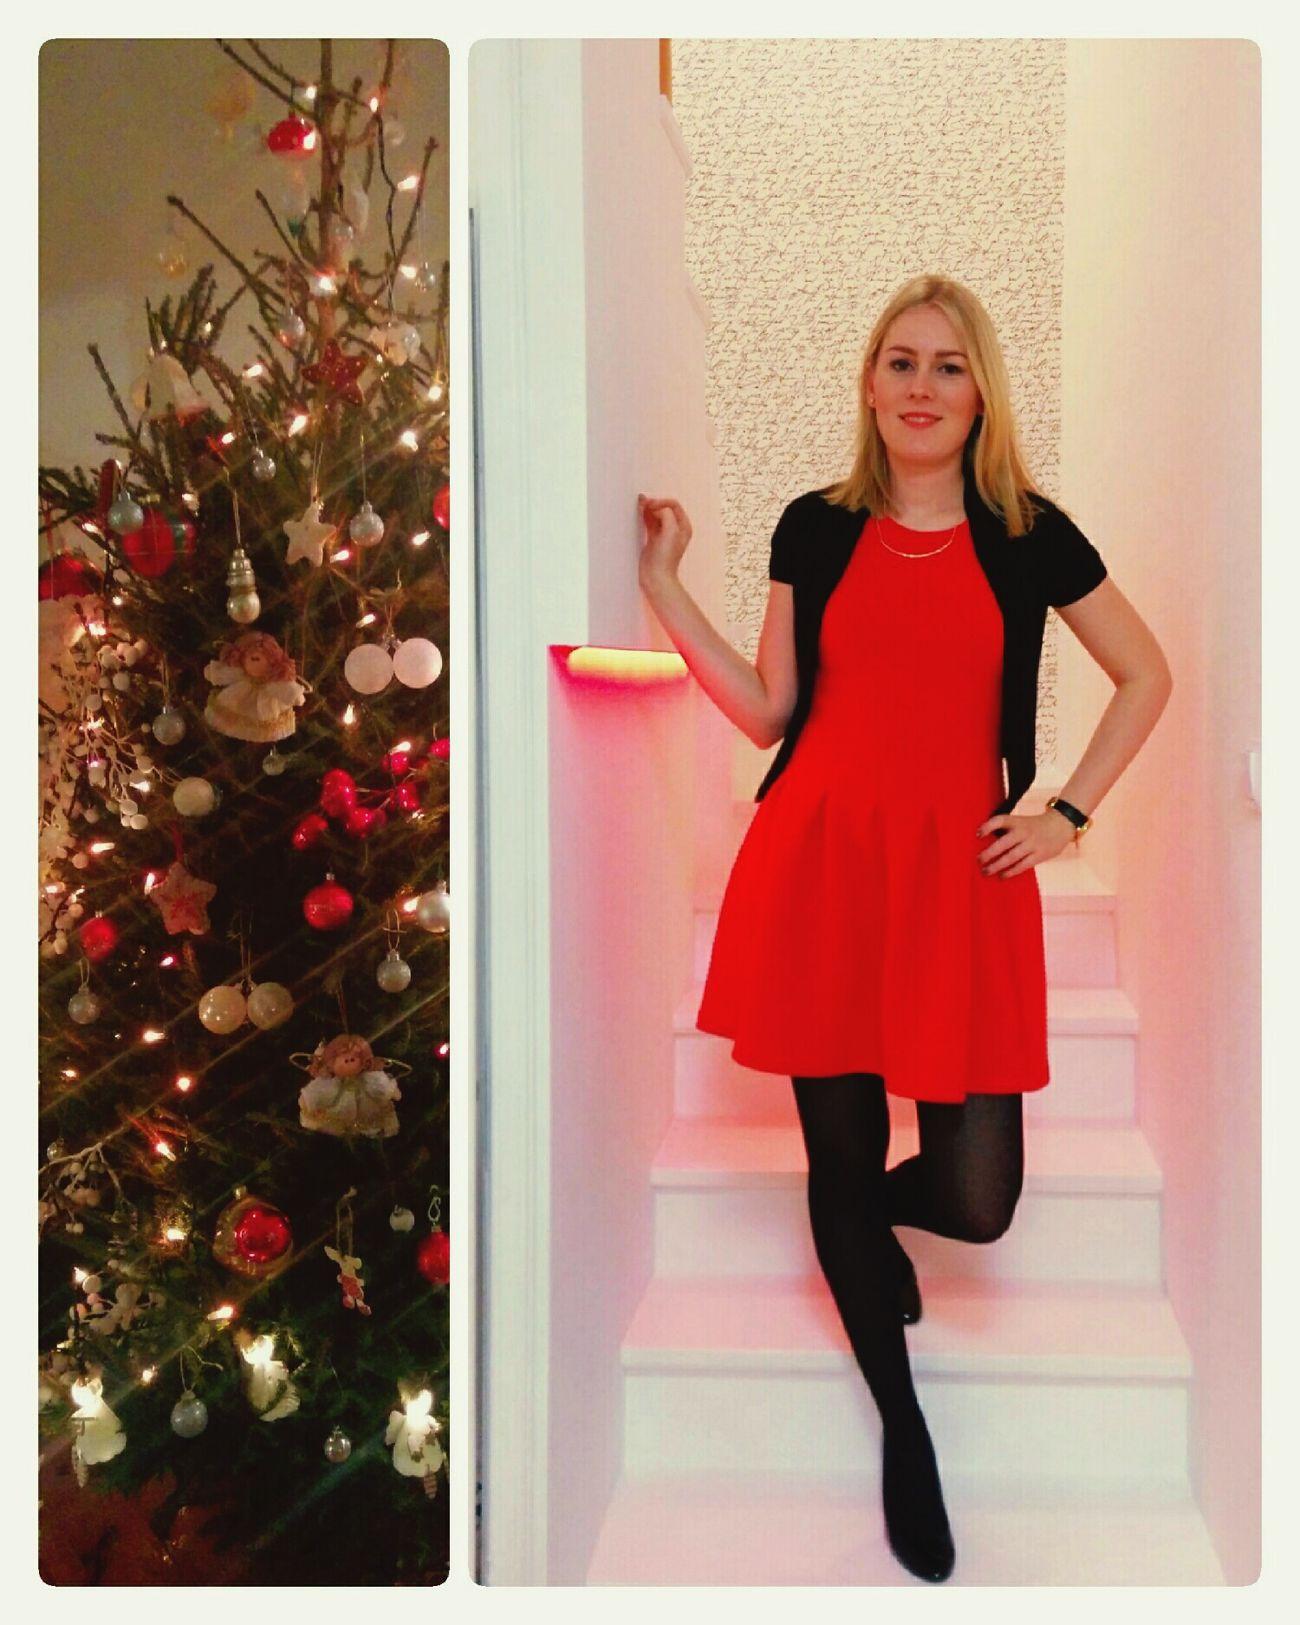 Merry Xmas Family ♥ Foodcoma Red Dress Feeling Lucky